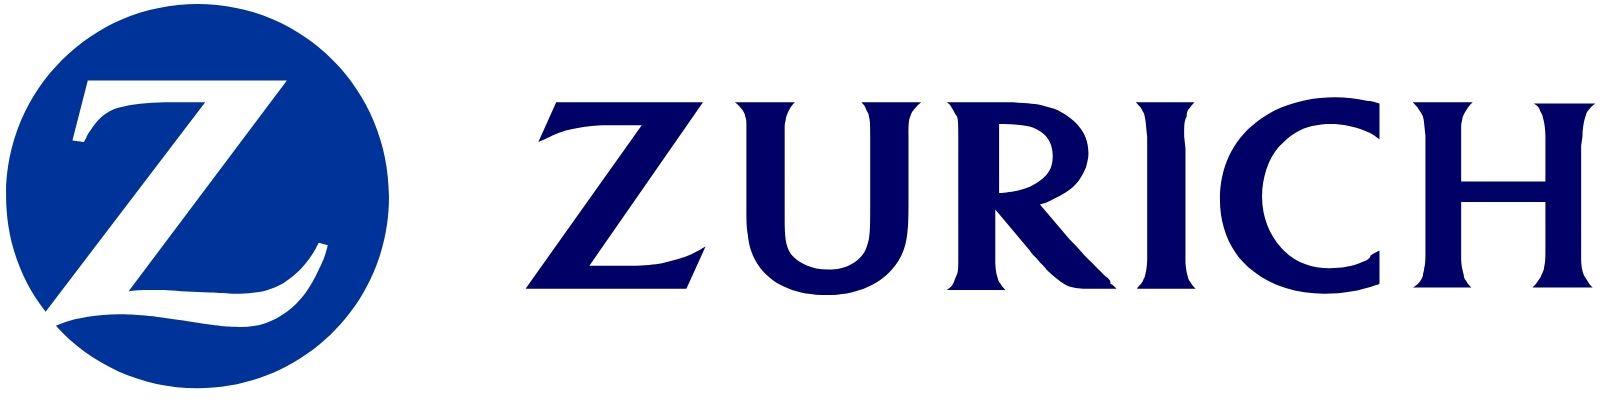 Zurich Portugal logo